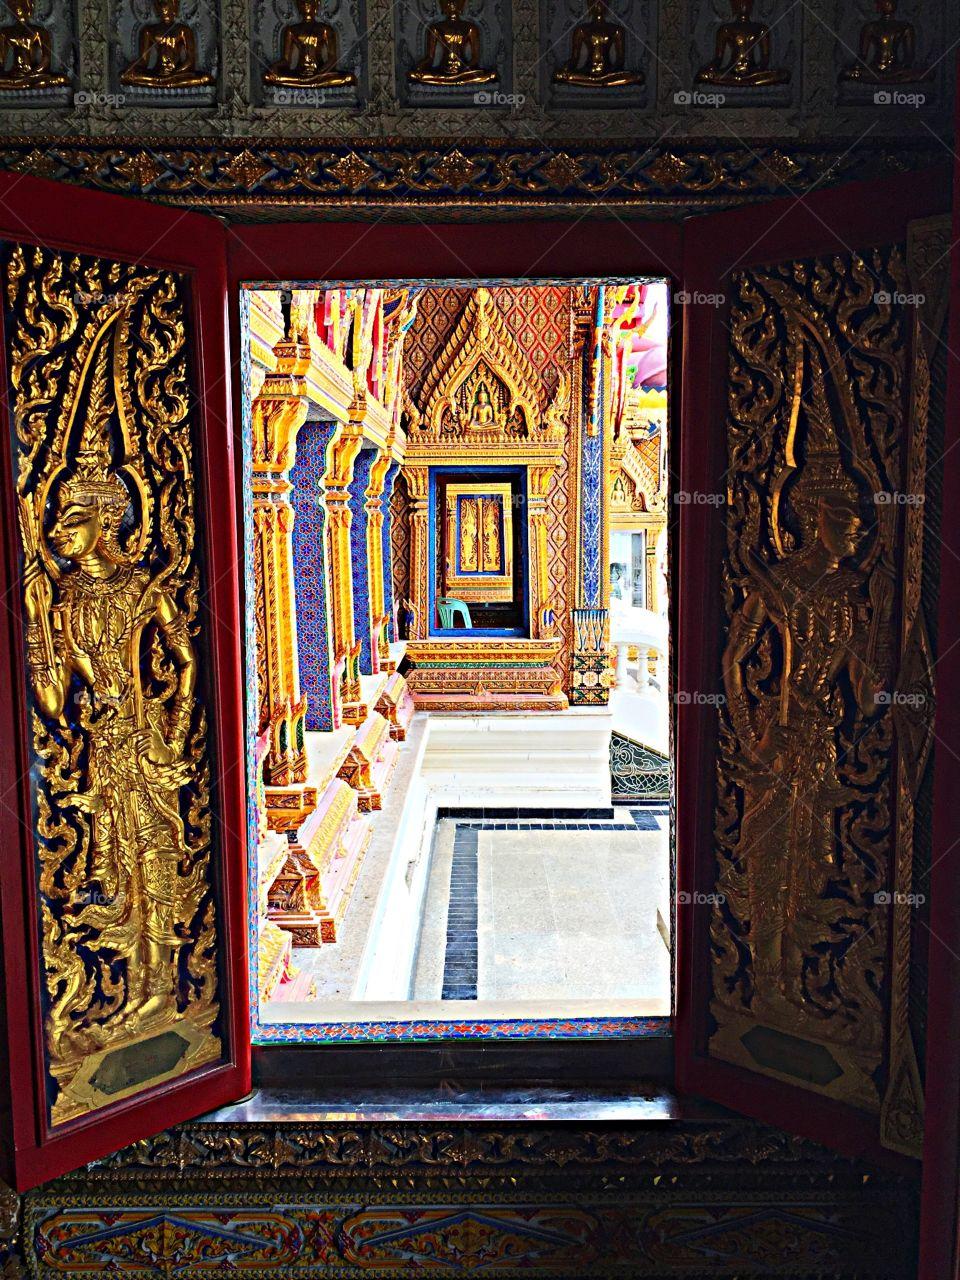 Through a Temple